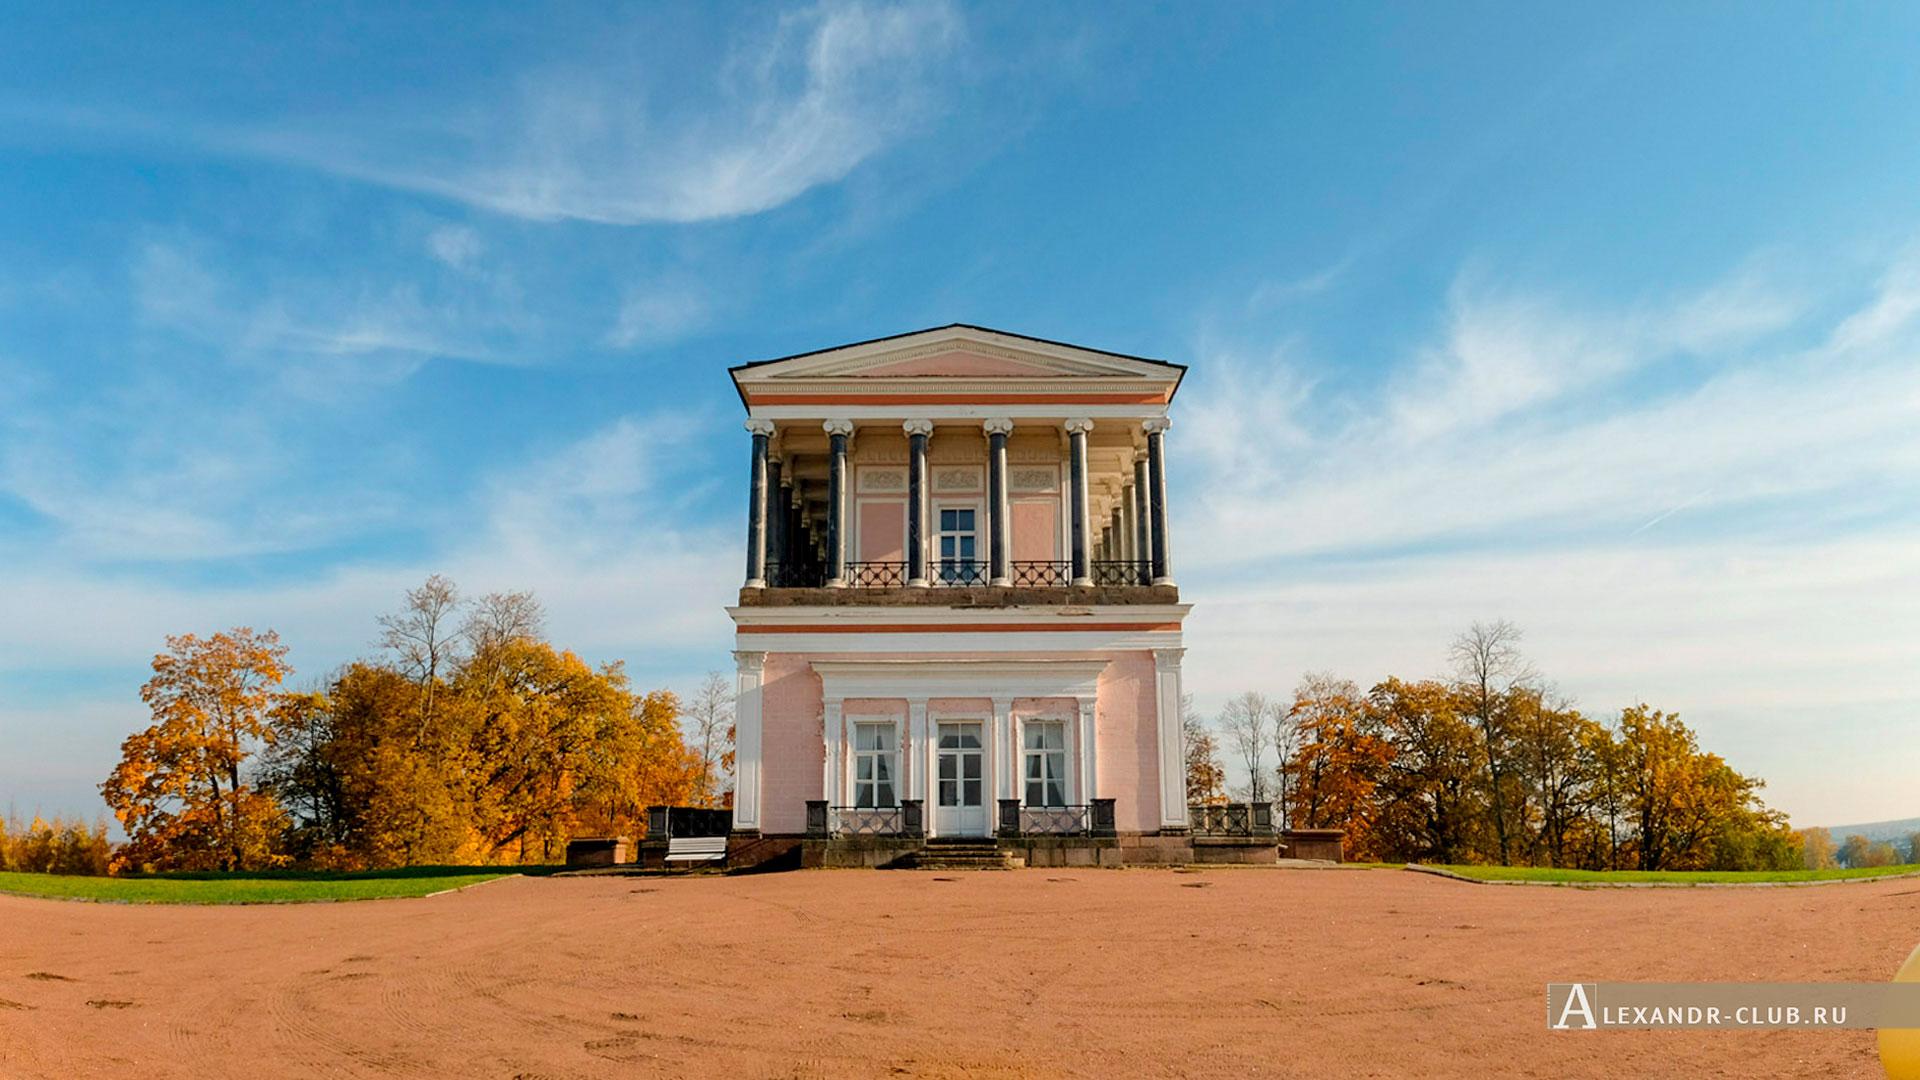 Петергоф, Луговой парк, осень, дворец Бельведер